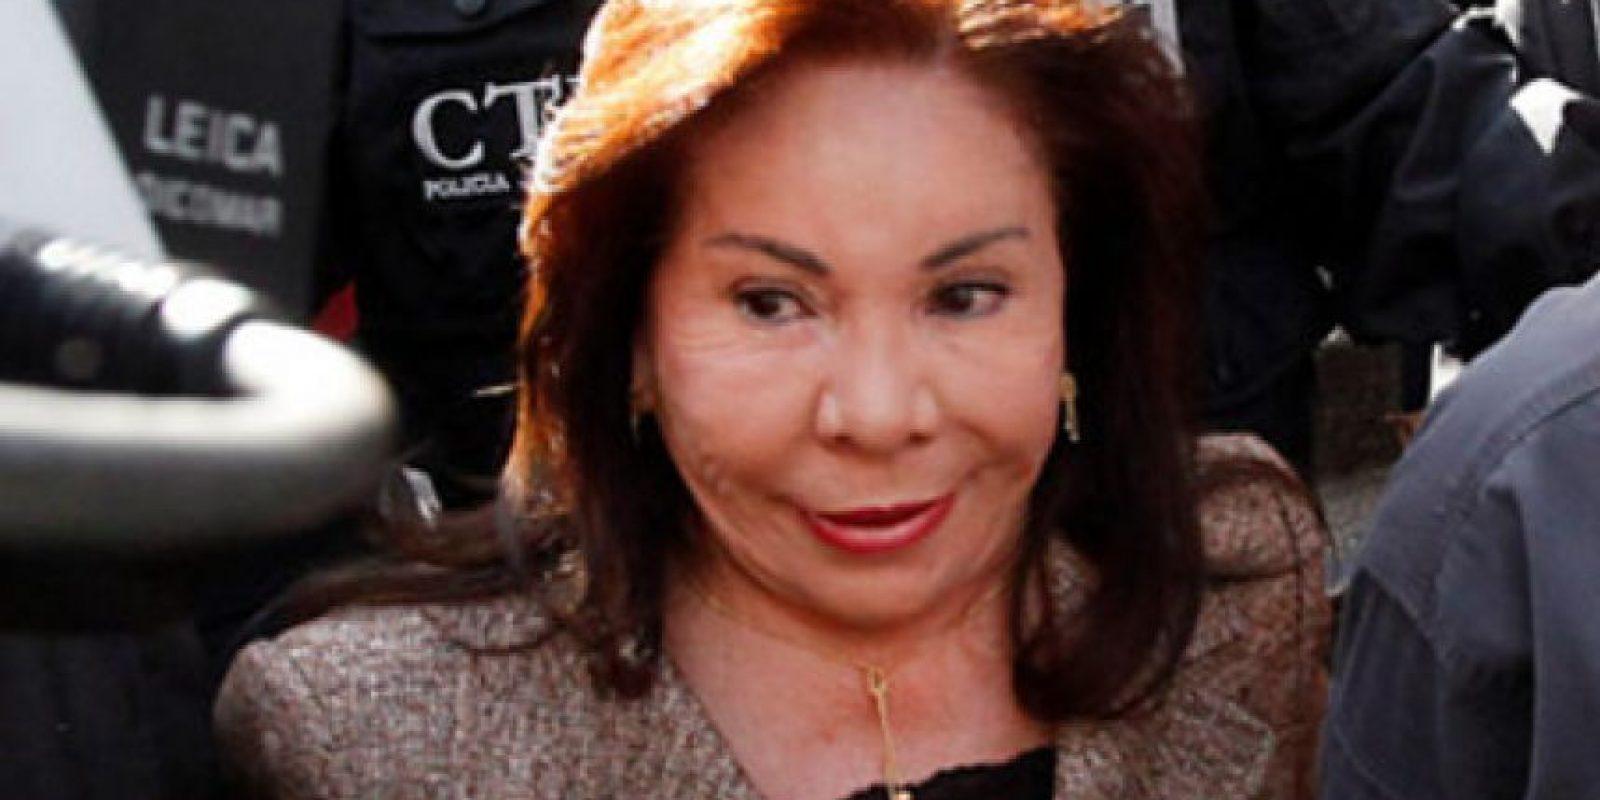 María Luisa Piraquive, investigada por la Fiscalía en 2014 por presunto enriquecimiento ilícito Foto:Tomada de elcirculo.com.co